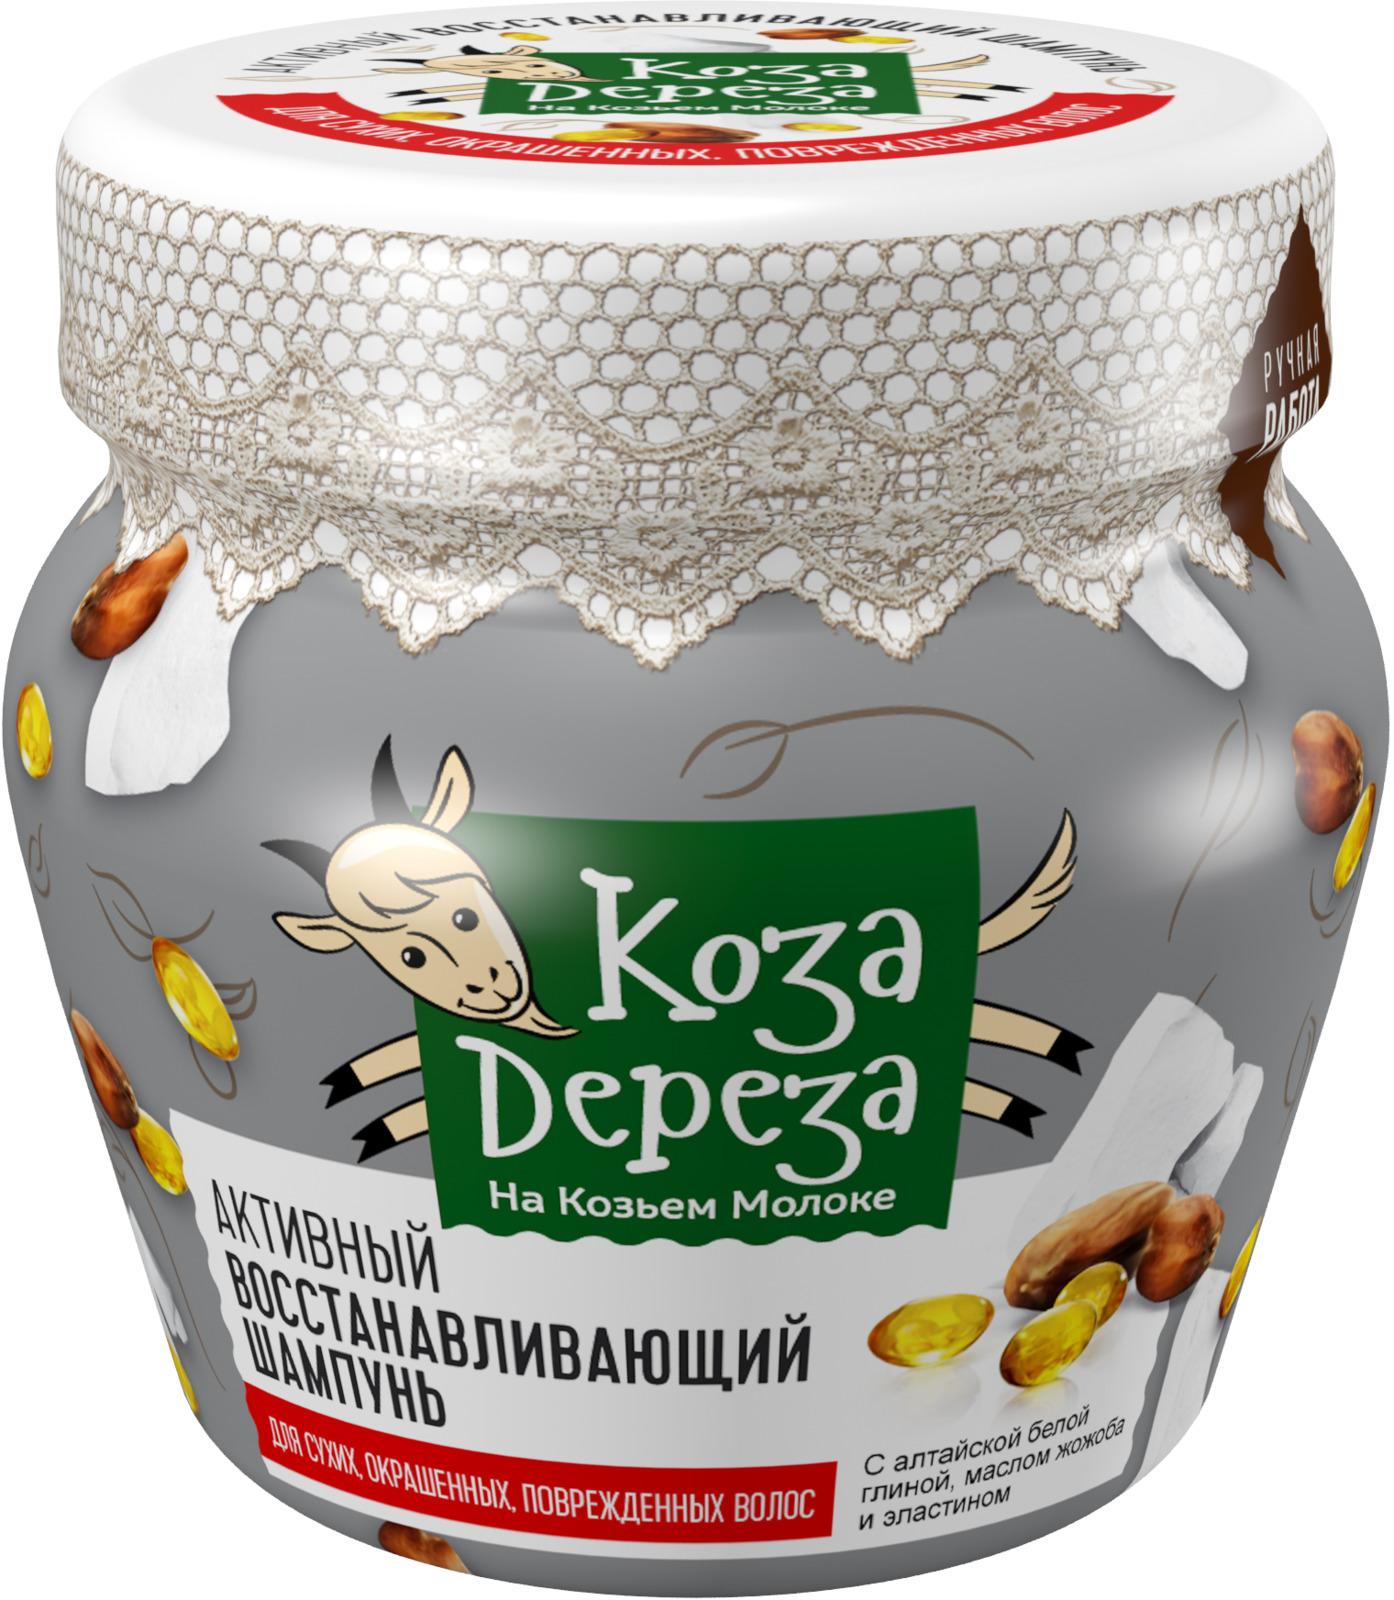 Шампунь Fito Косметик Коза Дереза. Активный восстанавливающий, 175 мл густая себорея кожи